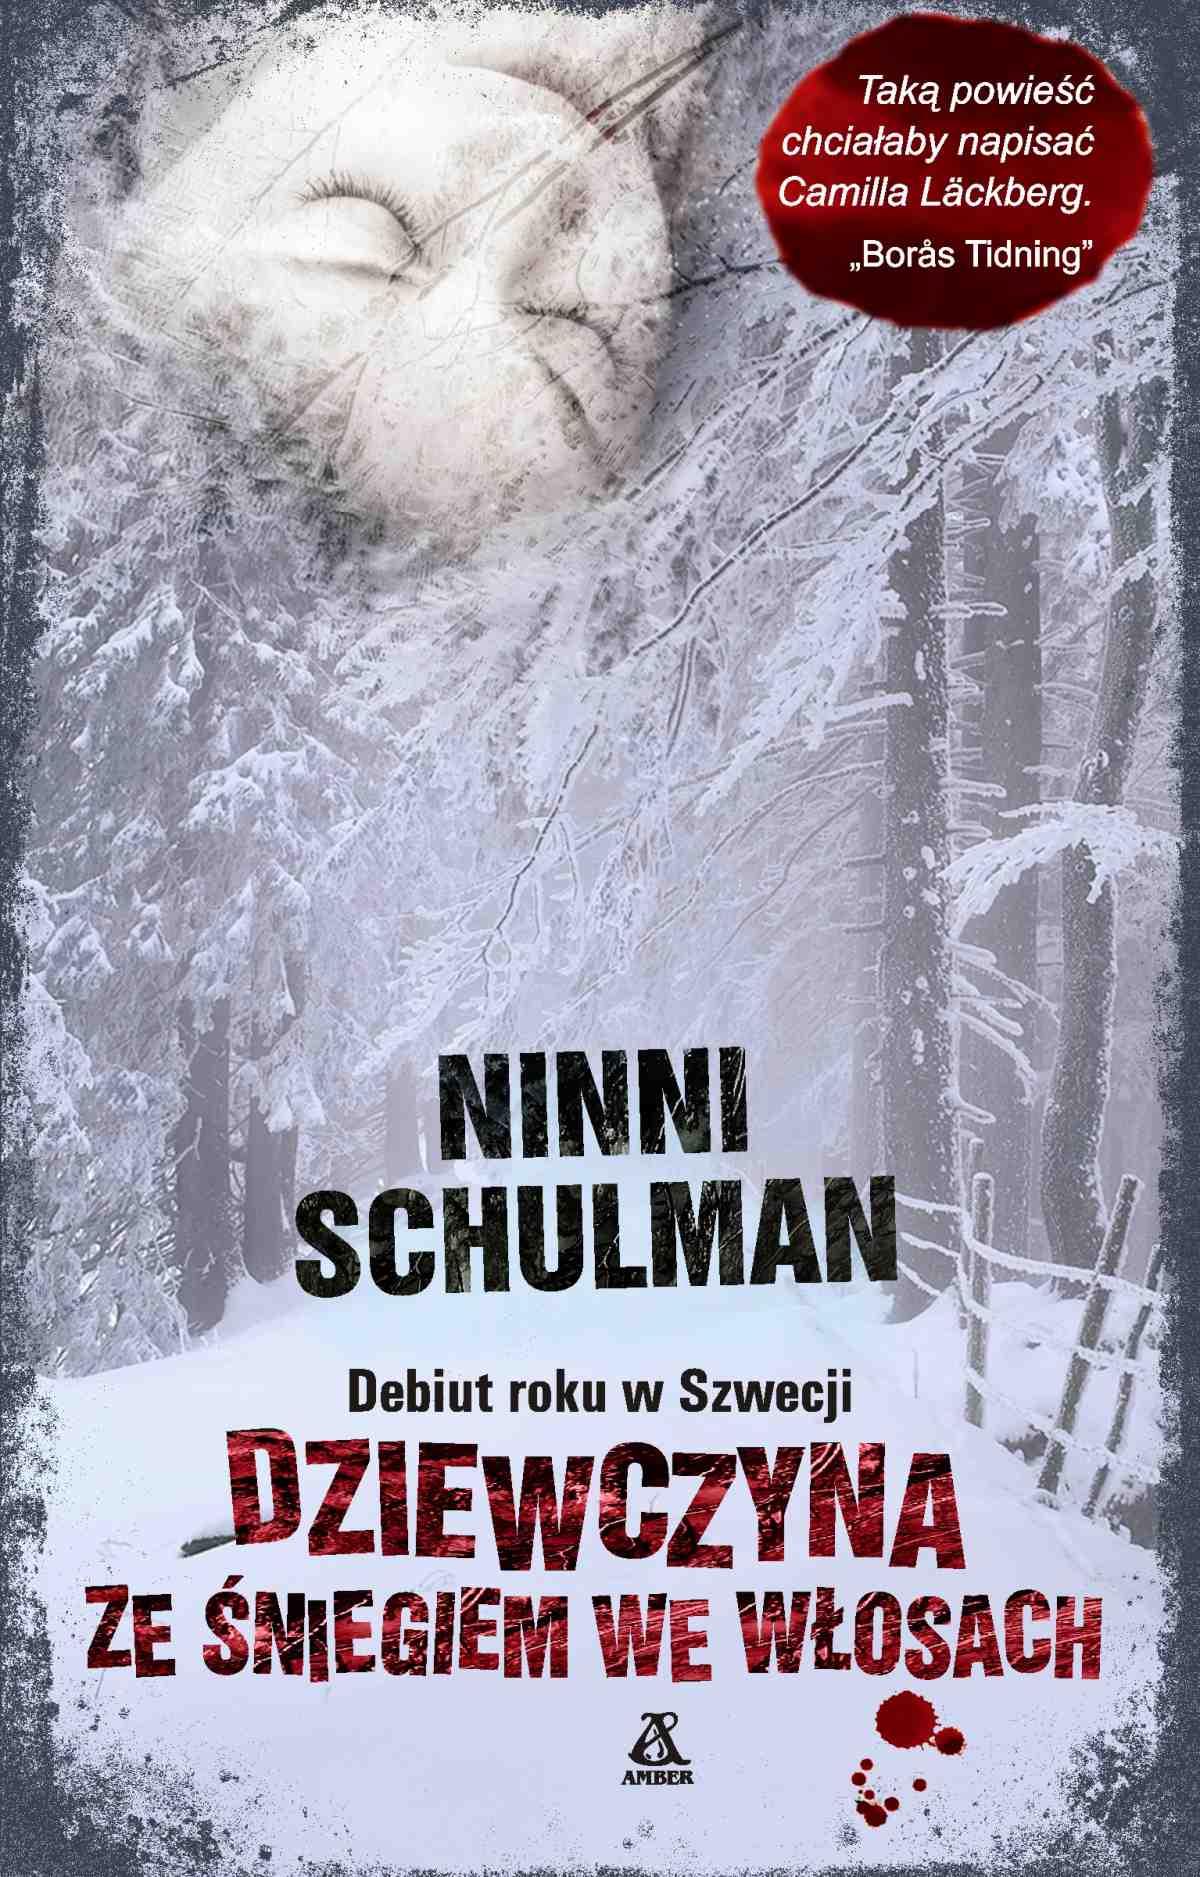 Dziewczyna ze śniegiem we włosach - Ebook (Książka EPUB) do pobrania w formacie EPUB